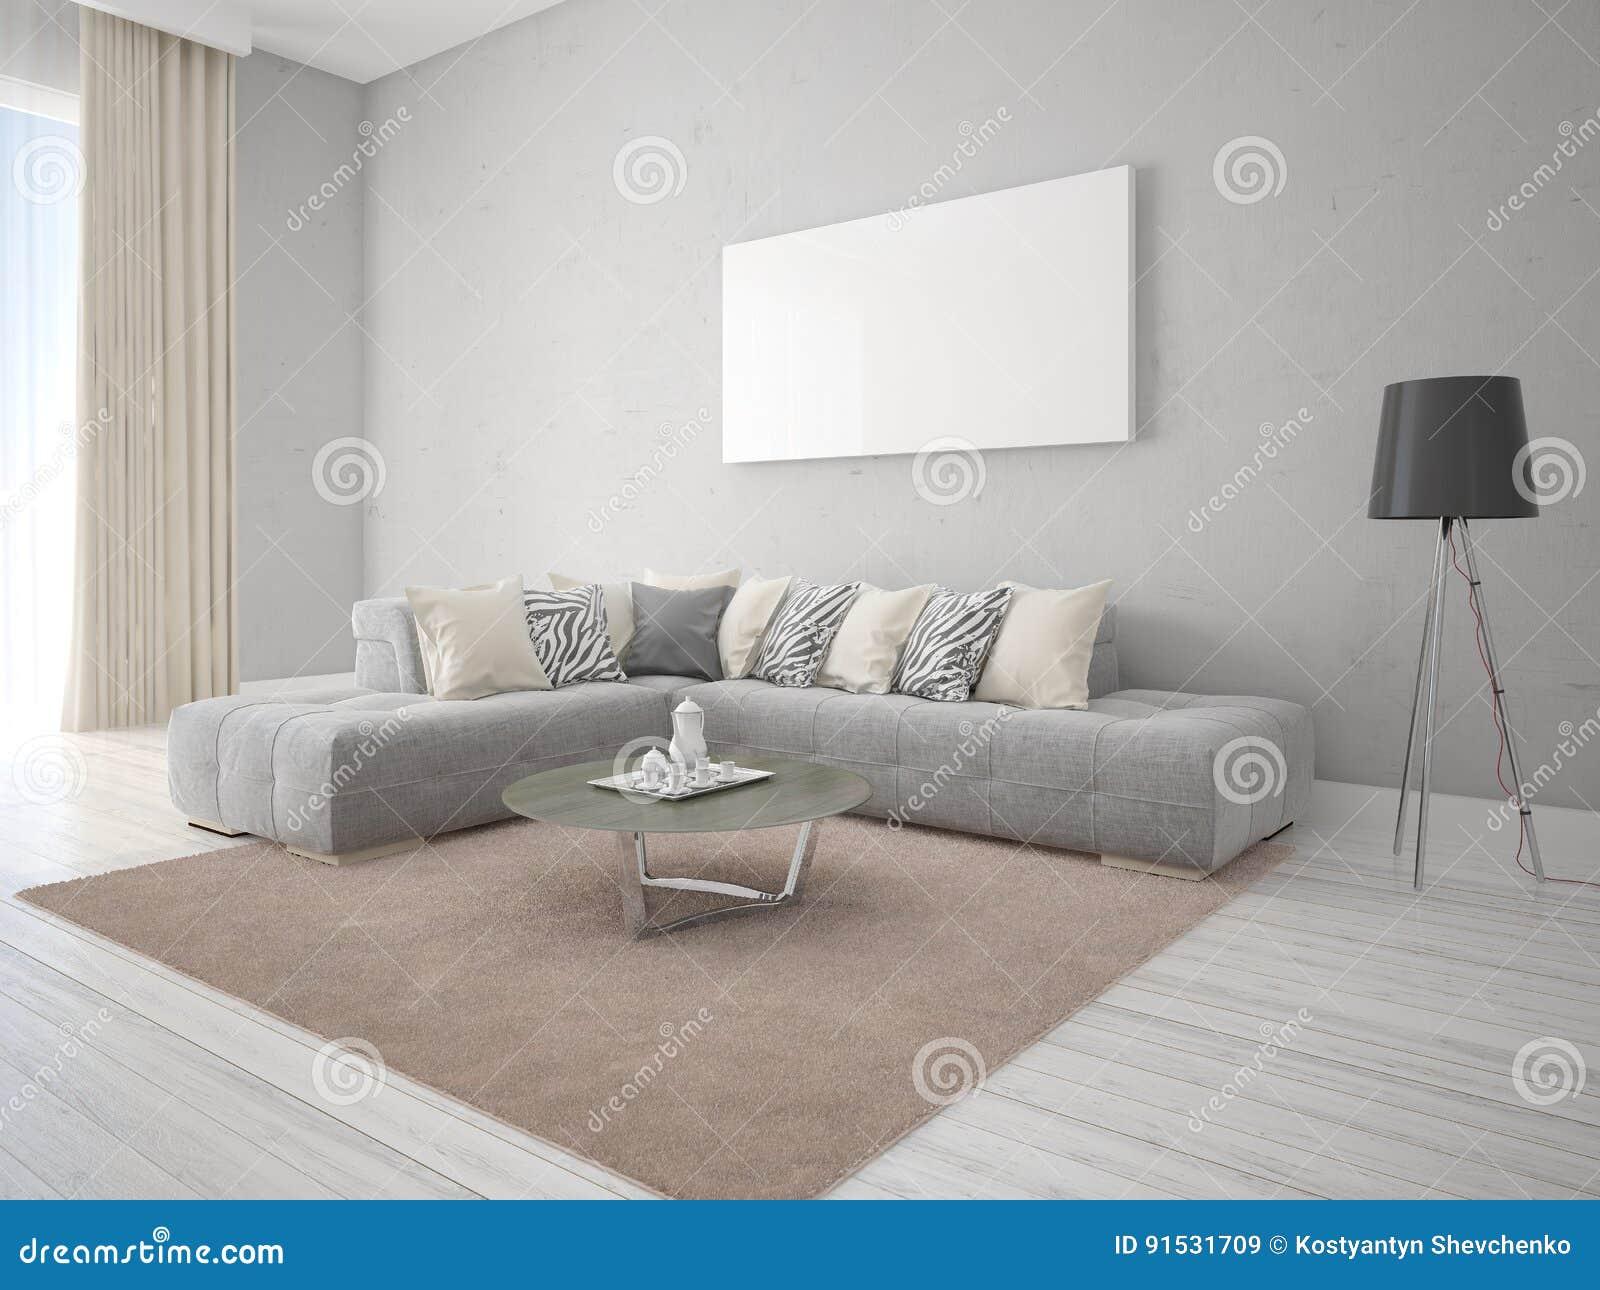 https://thumbs.dreamstime.com/z/spot-omhoog-de-woonkamer-een-minimalistische-stijl-met-een-hoekbank-91531709.jpg